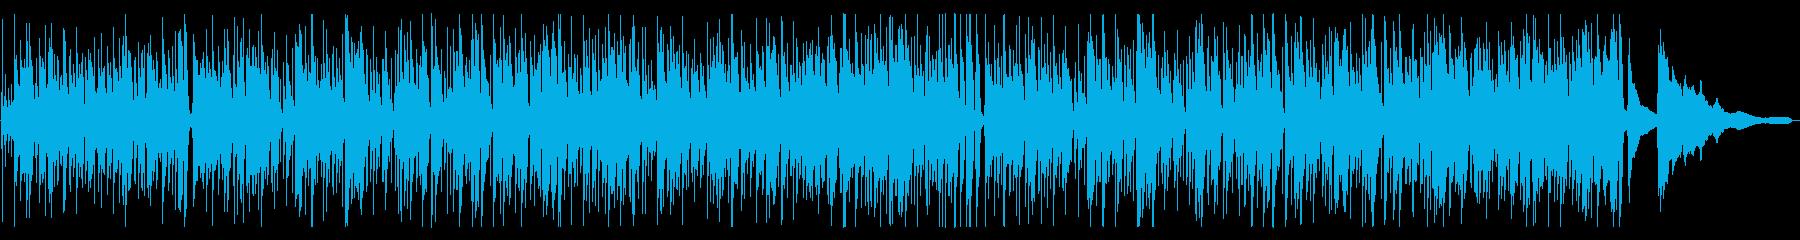 気持ちが明るくなるアップテンポな曲の再生済みの波形